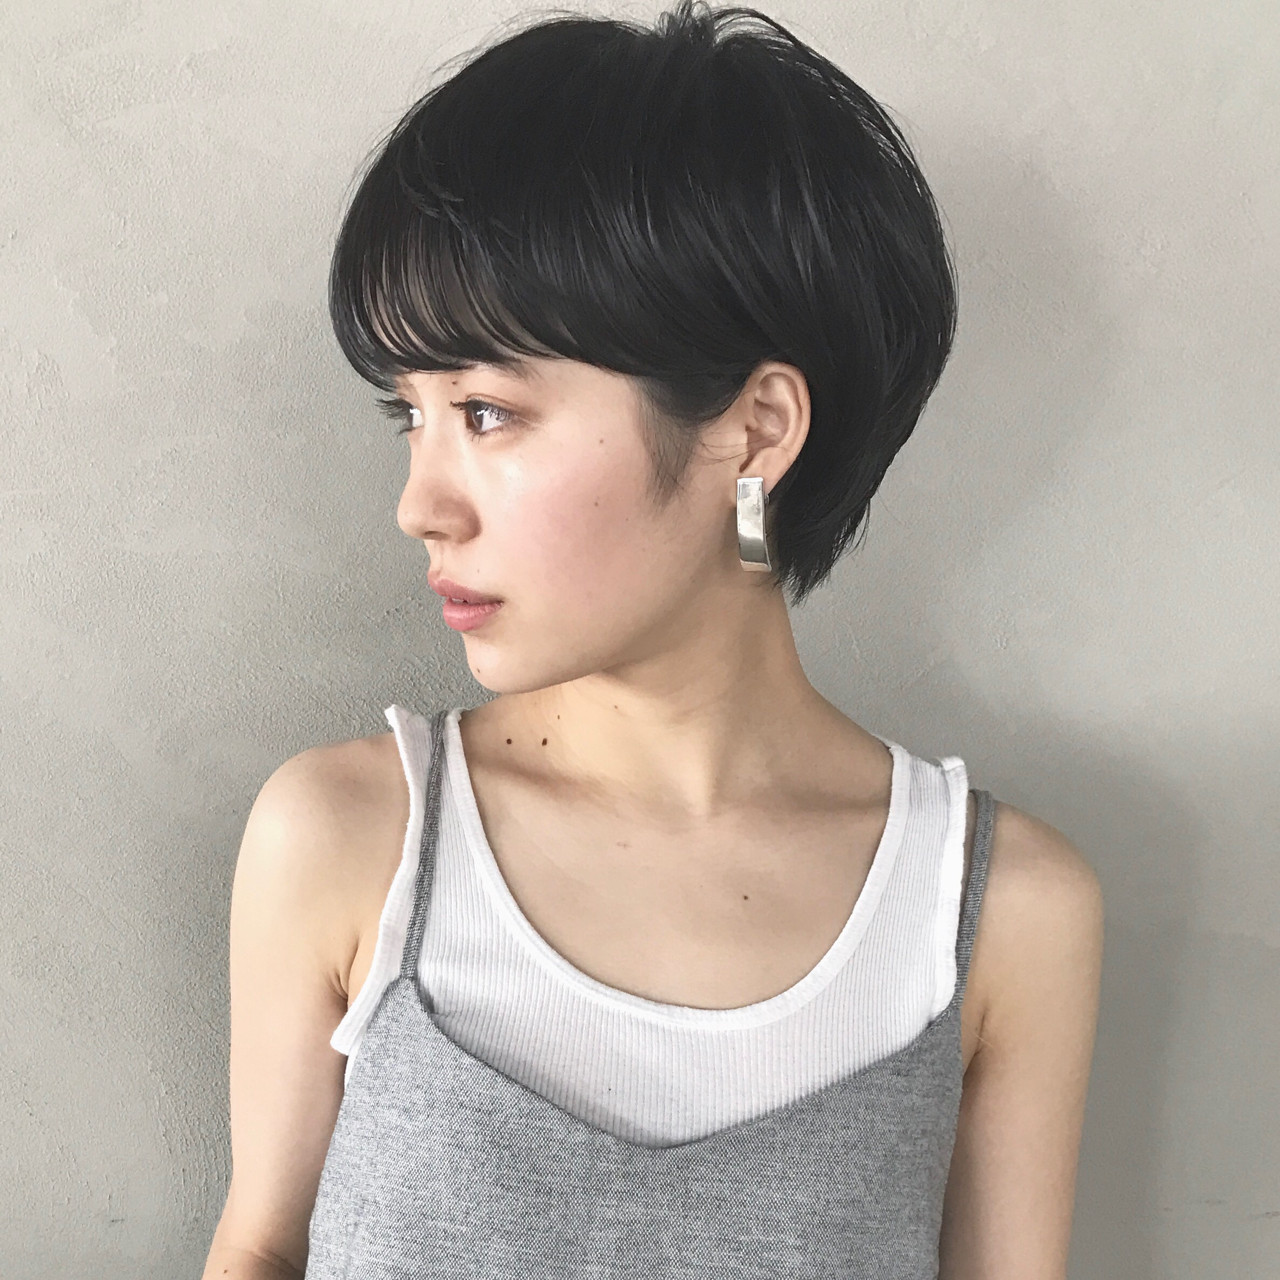 ショート 前髪あり ナチュラル ショートボブ ヘアスタイルや髪型の写真・画像 | 高橋 忍 / nanuk渋谷店(ナヌーク)